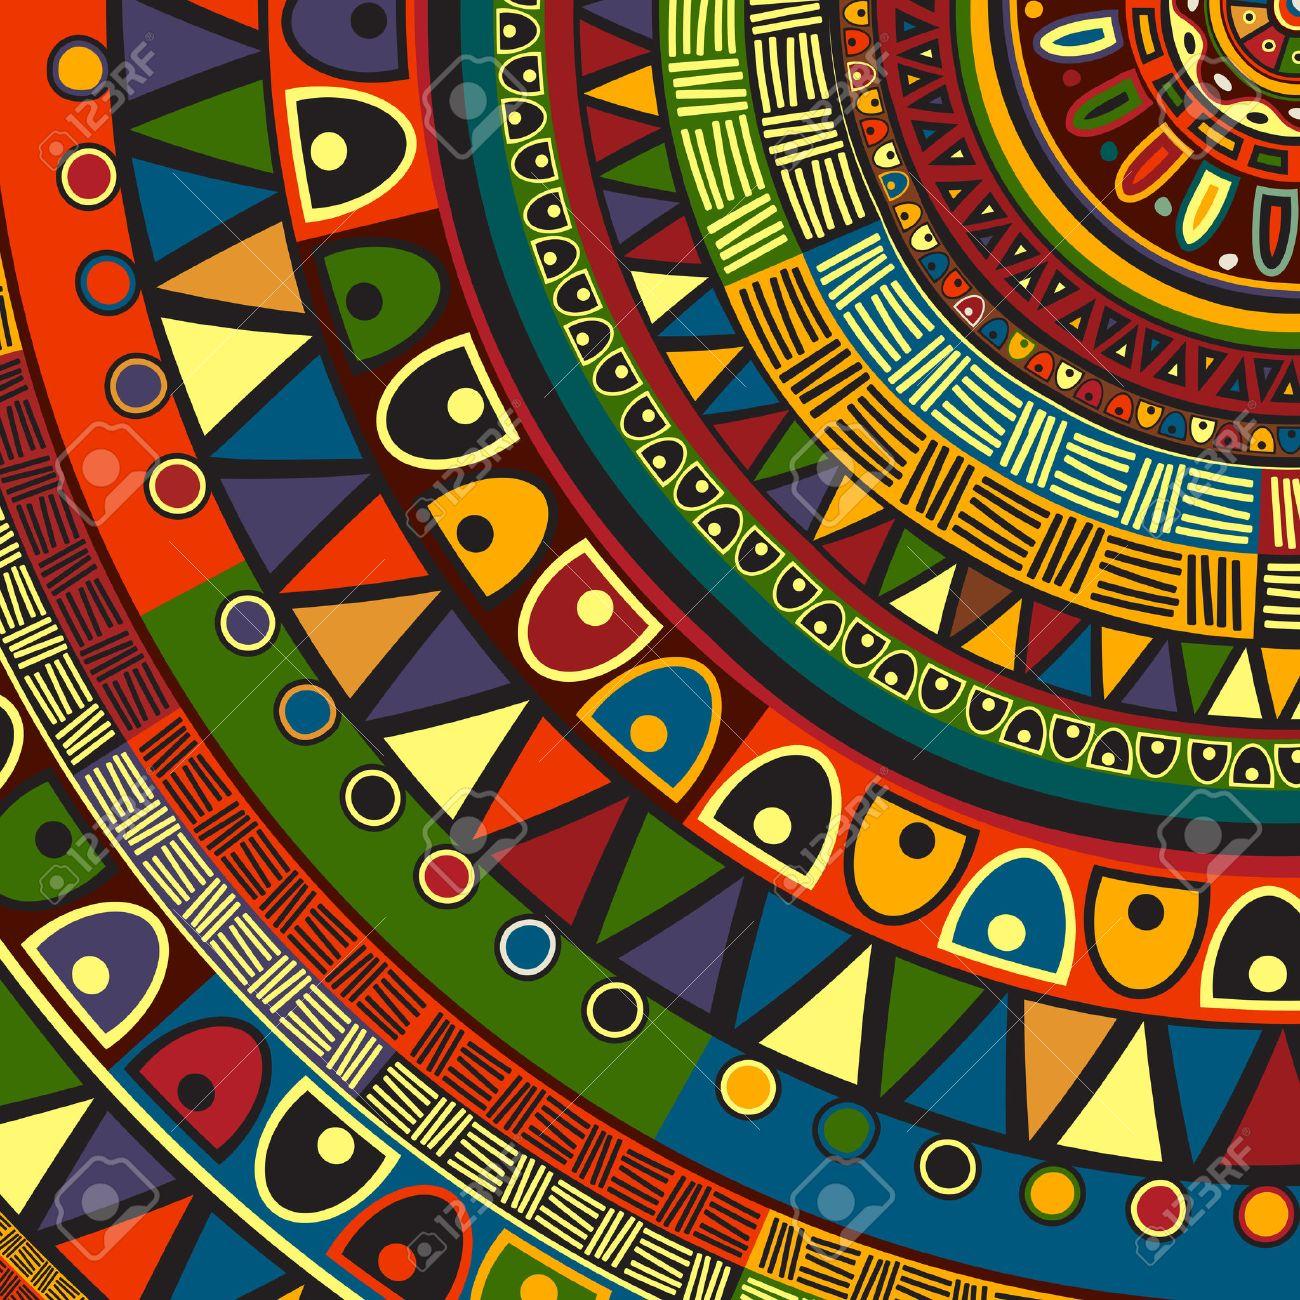 Diseño Tribal Con Color Arte Abstracto Ilustraciones Vectoriales